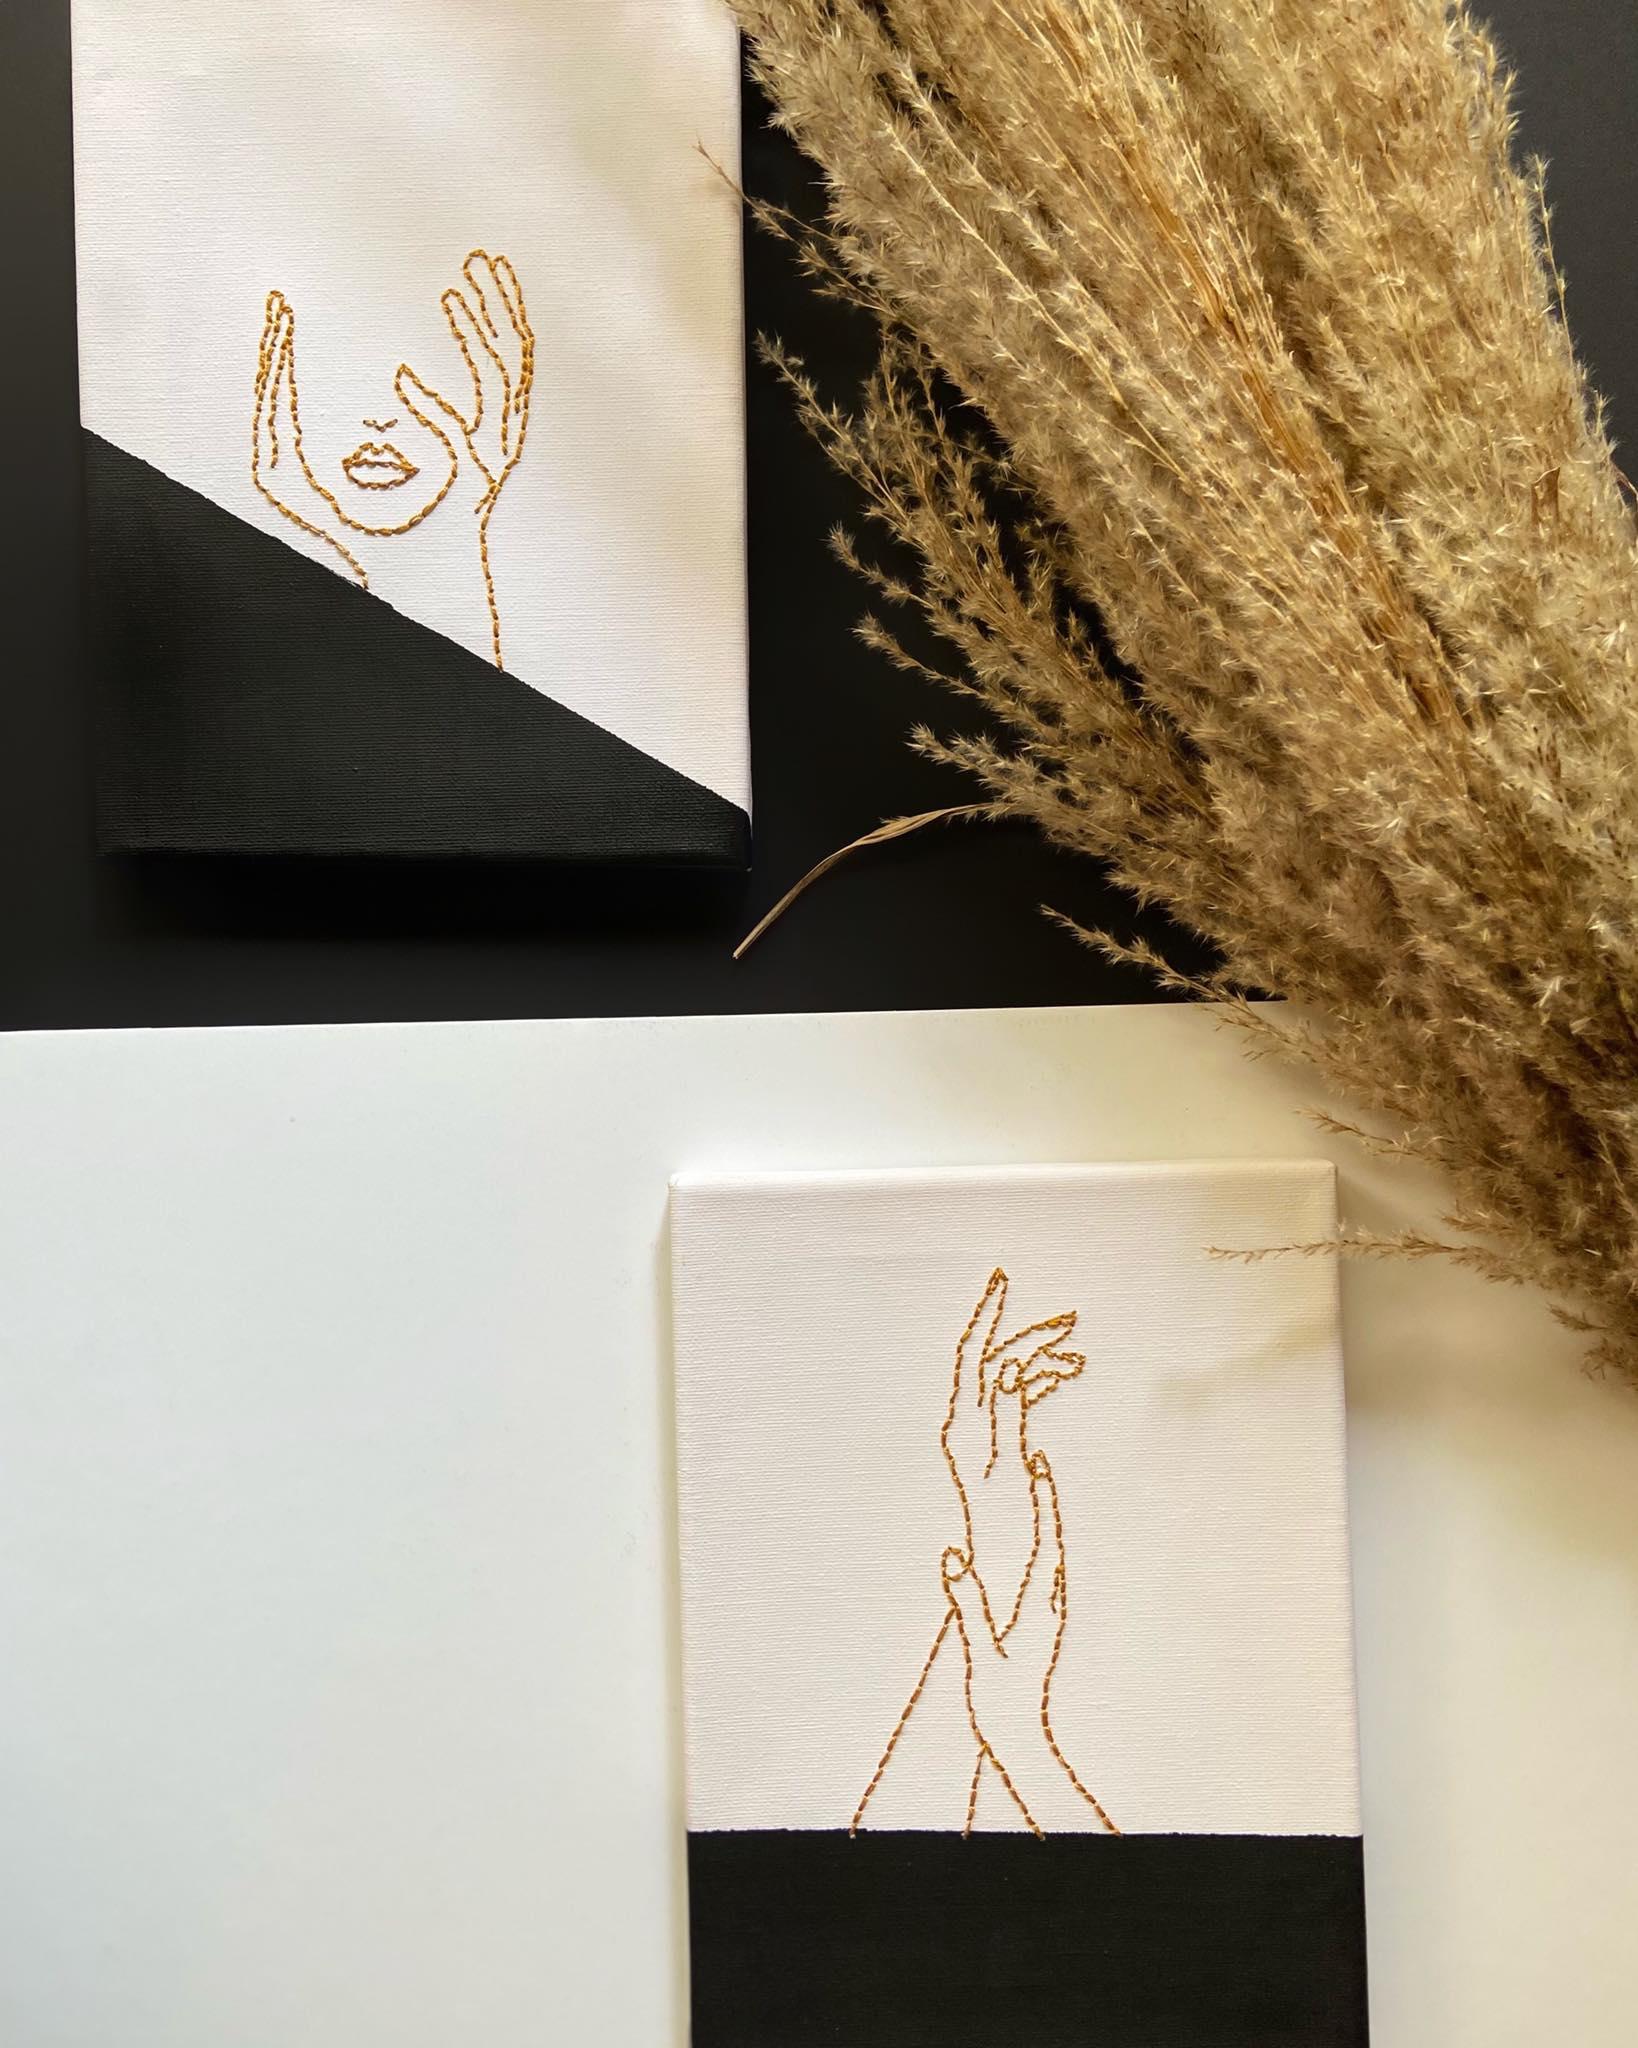 Χειροποίητοι καμβάδες – Μικρά έργα τέχνης!